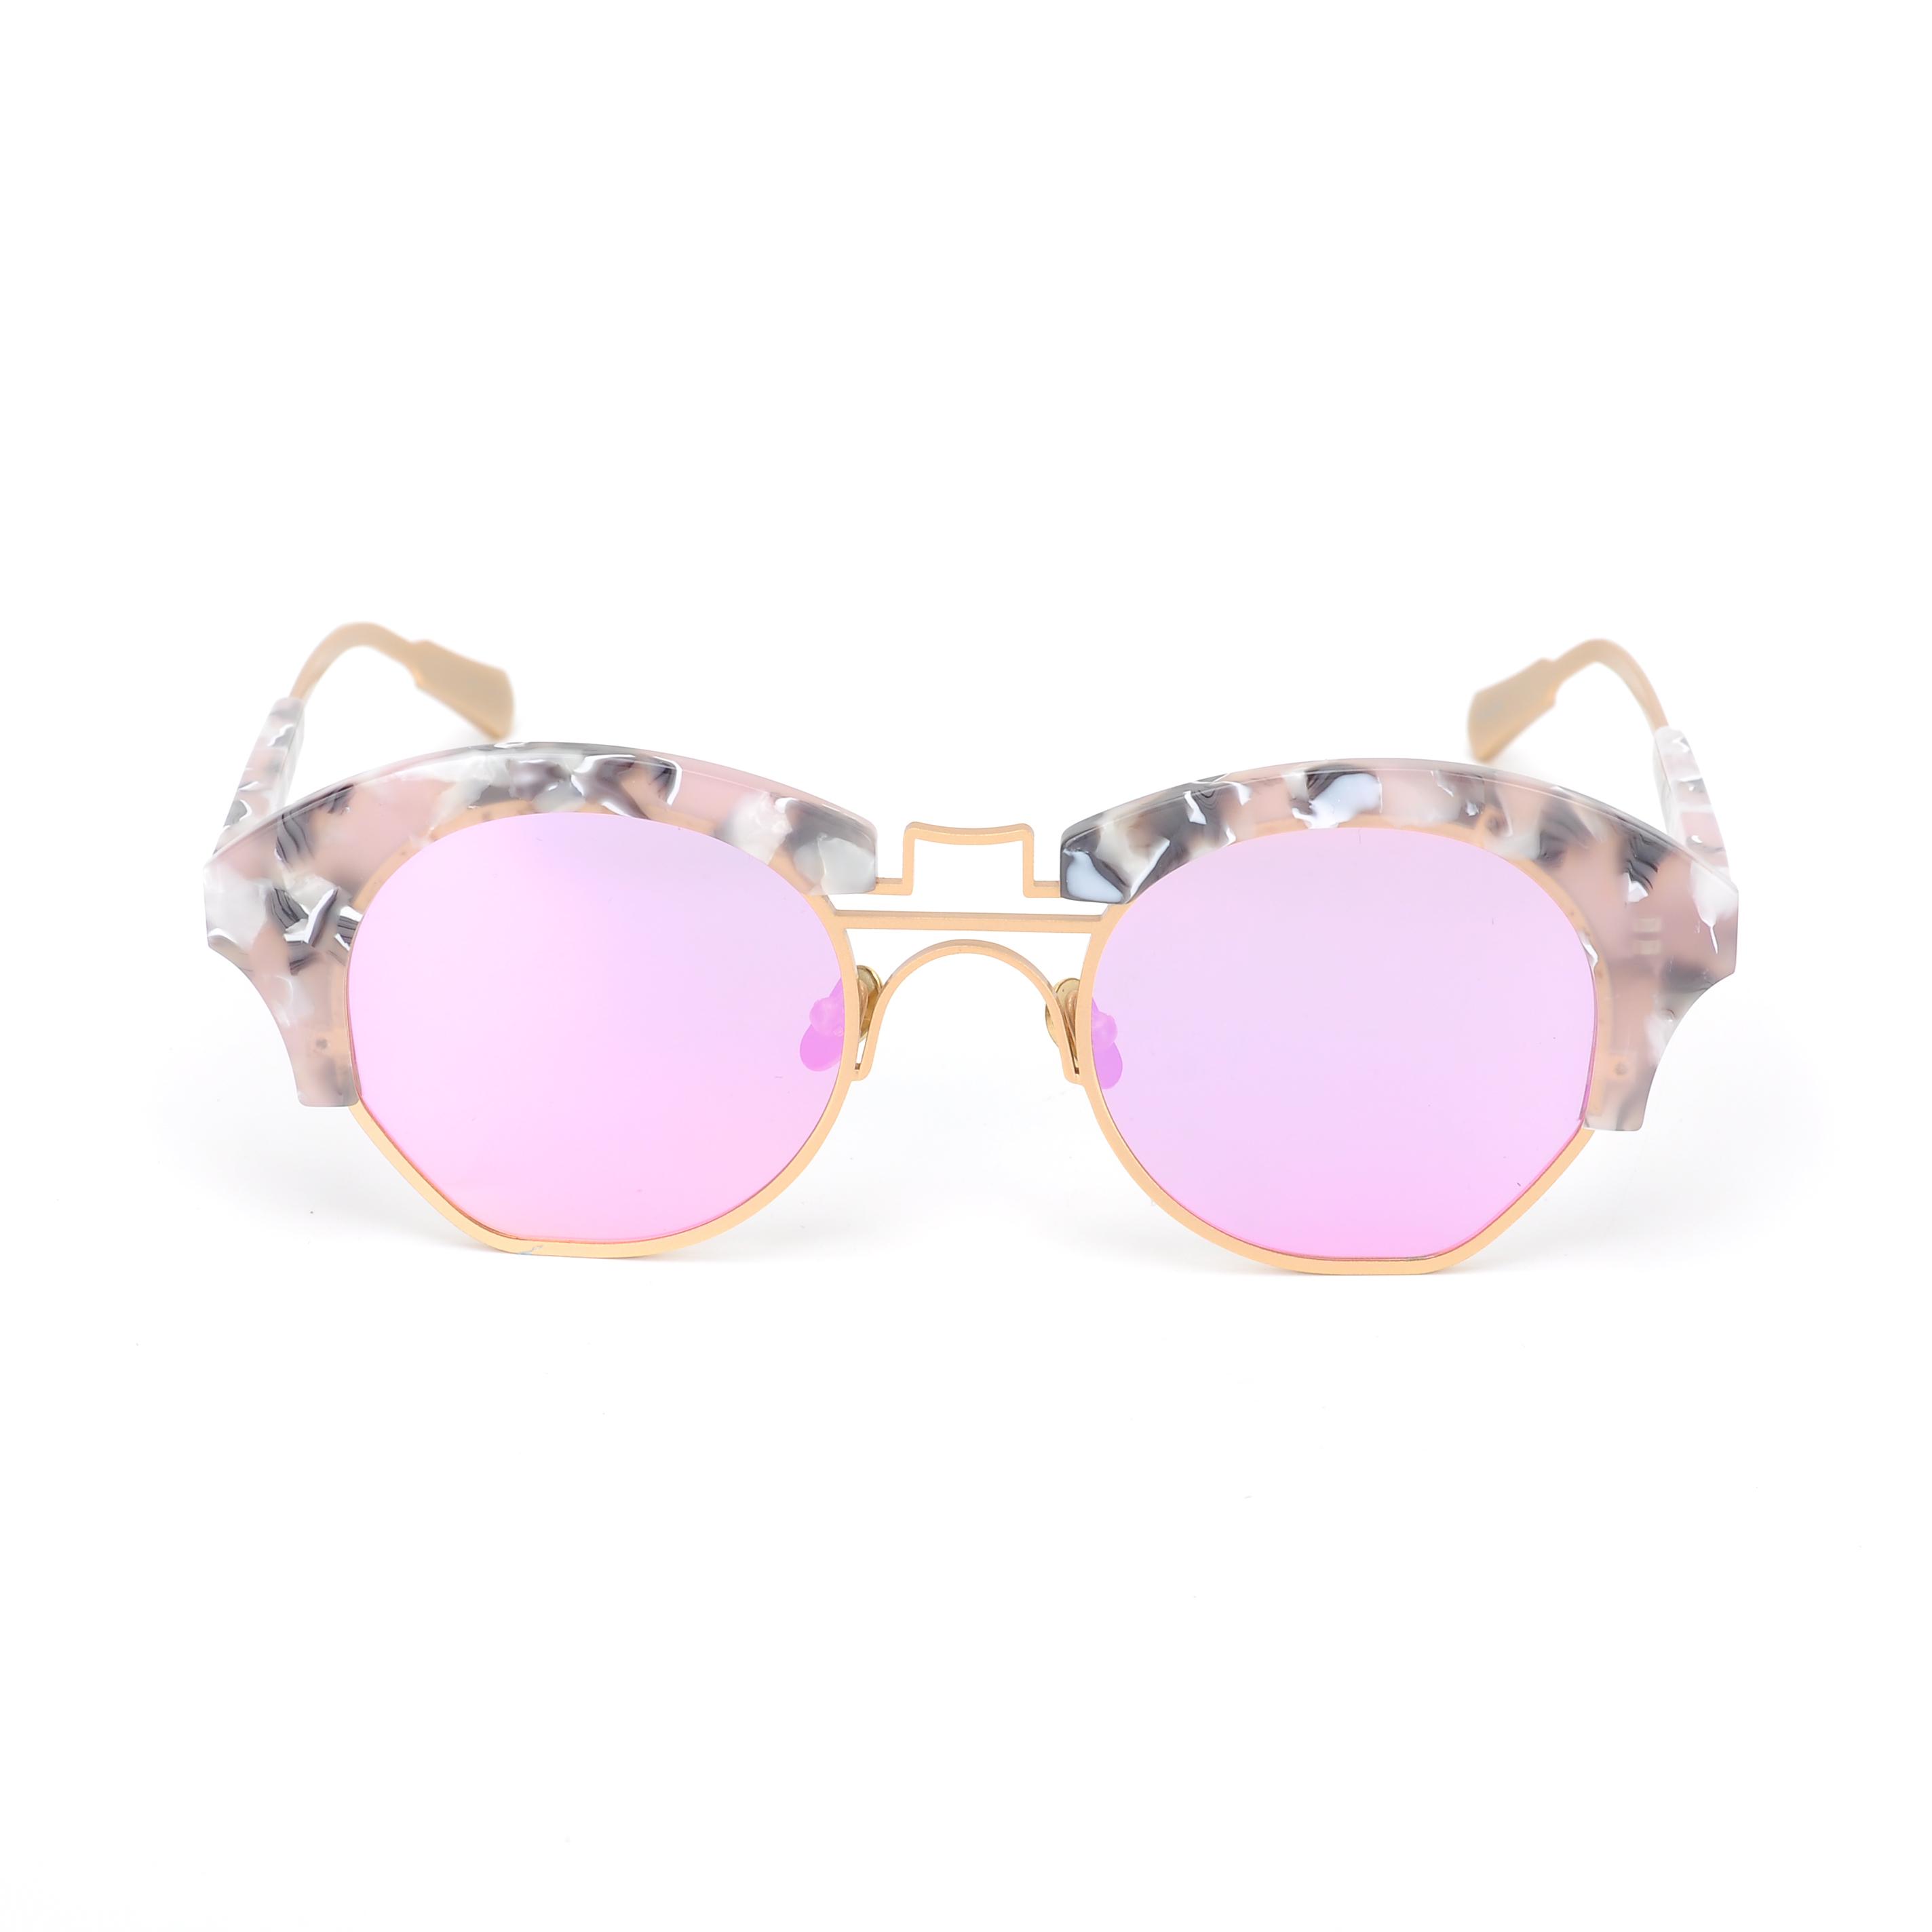 ff4aaeab7 مصادر شركات تصنيع العلامة التجارية الإيطالية النظارات الشمسية والعلامة  التجارية الإيطالية النظارات الشمسية في Alibaba.com